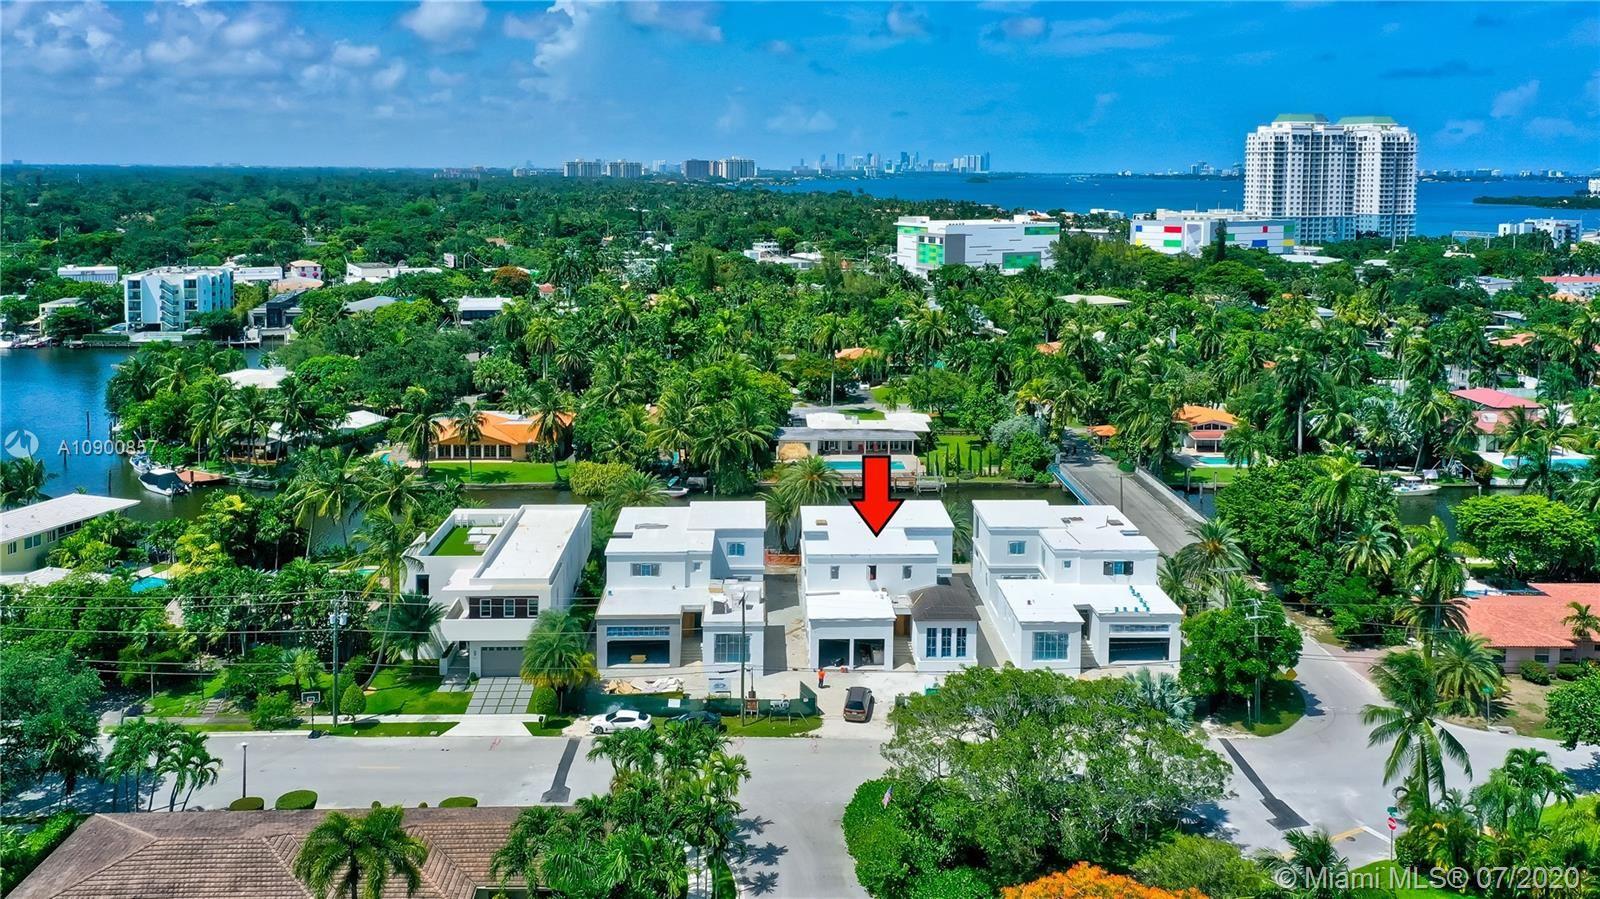 885 NE 76th St, Miami, FL 33138 - #: A10900857